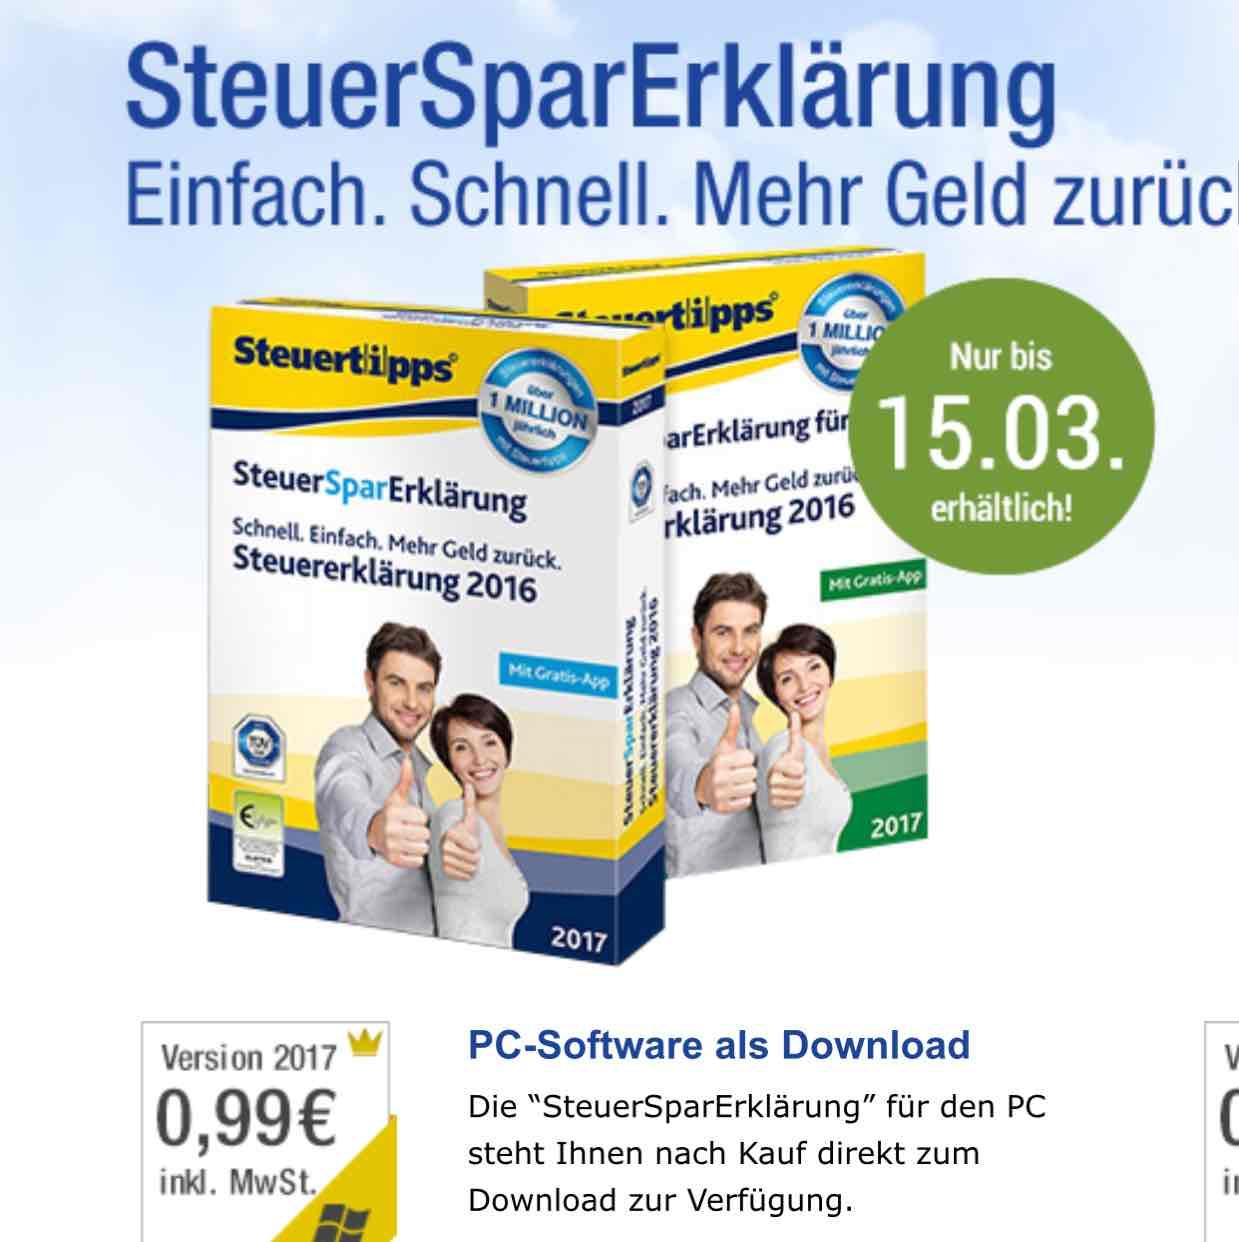 (GMX PREMIUM) 2 Jahre SteuerSparErklärung für 20,89 Euro